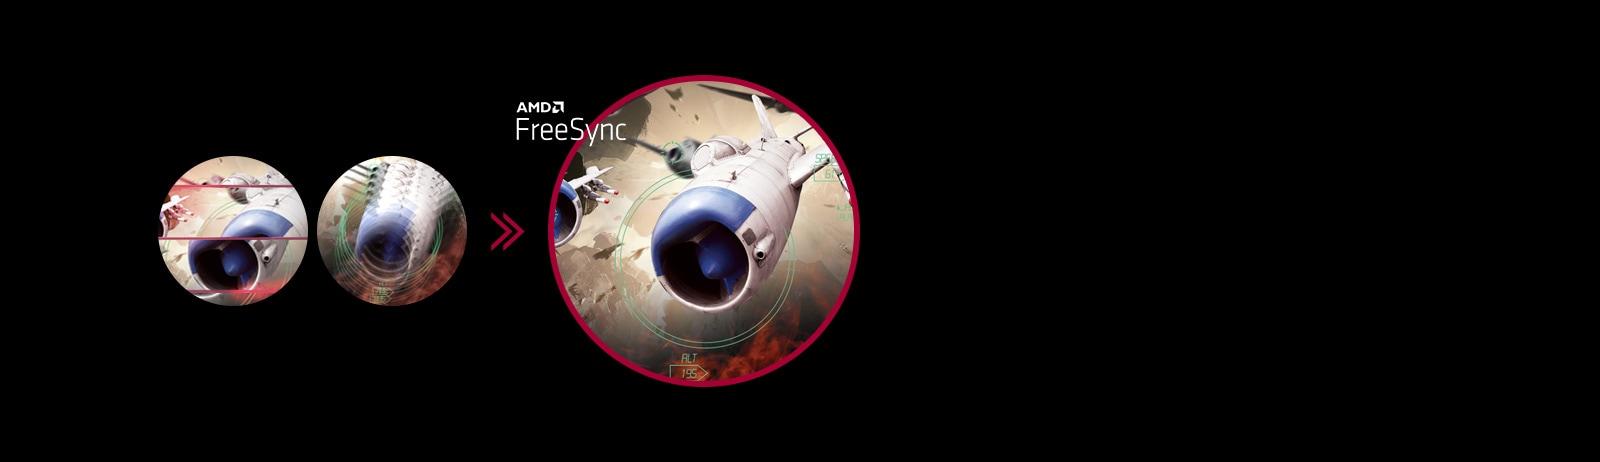 AMD FreeSync cho chuyển động nhanh và mượt mà